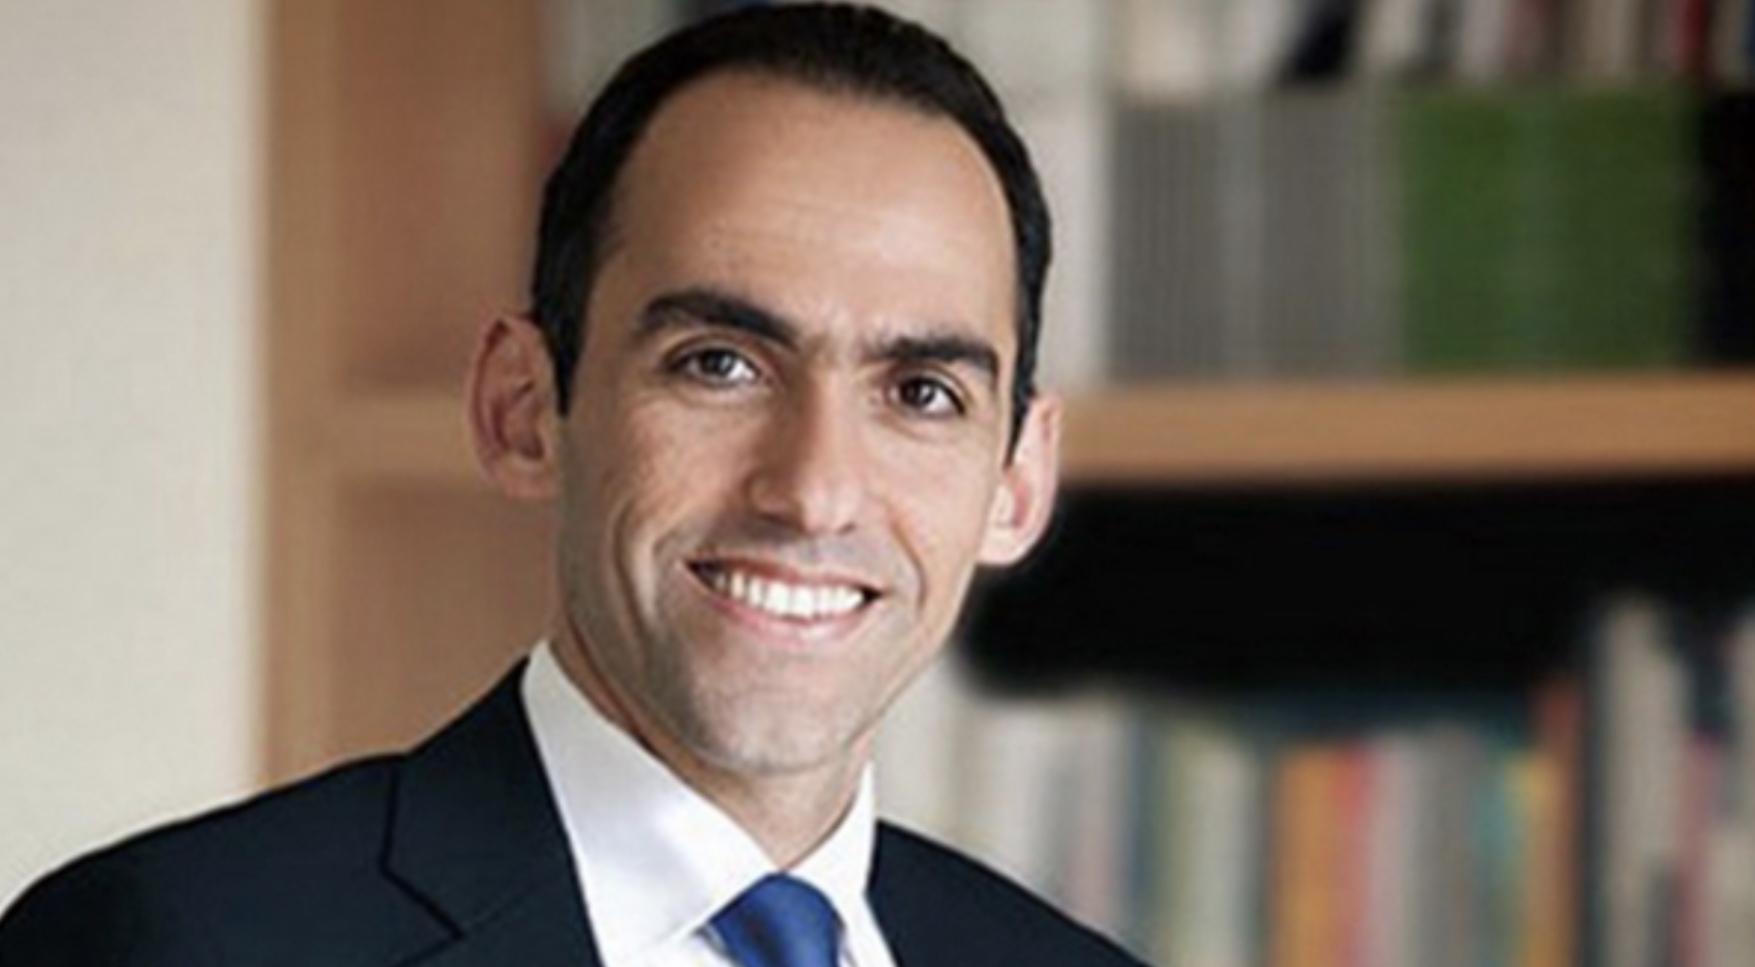 Κύπρος: Εγκρίθηκε το νομοσχέδιο για την καταπολέμηση της φοροδιαφυγής